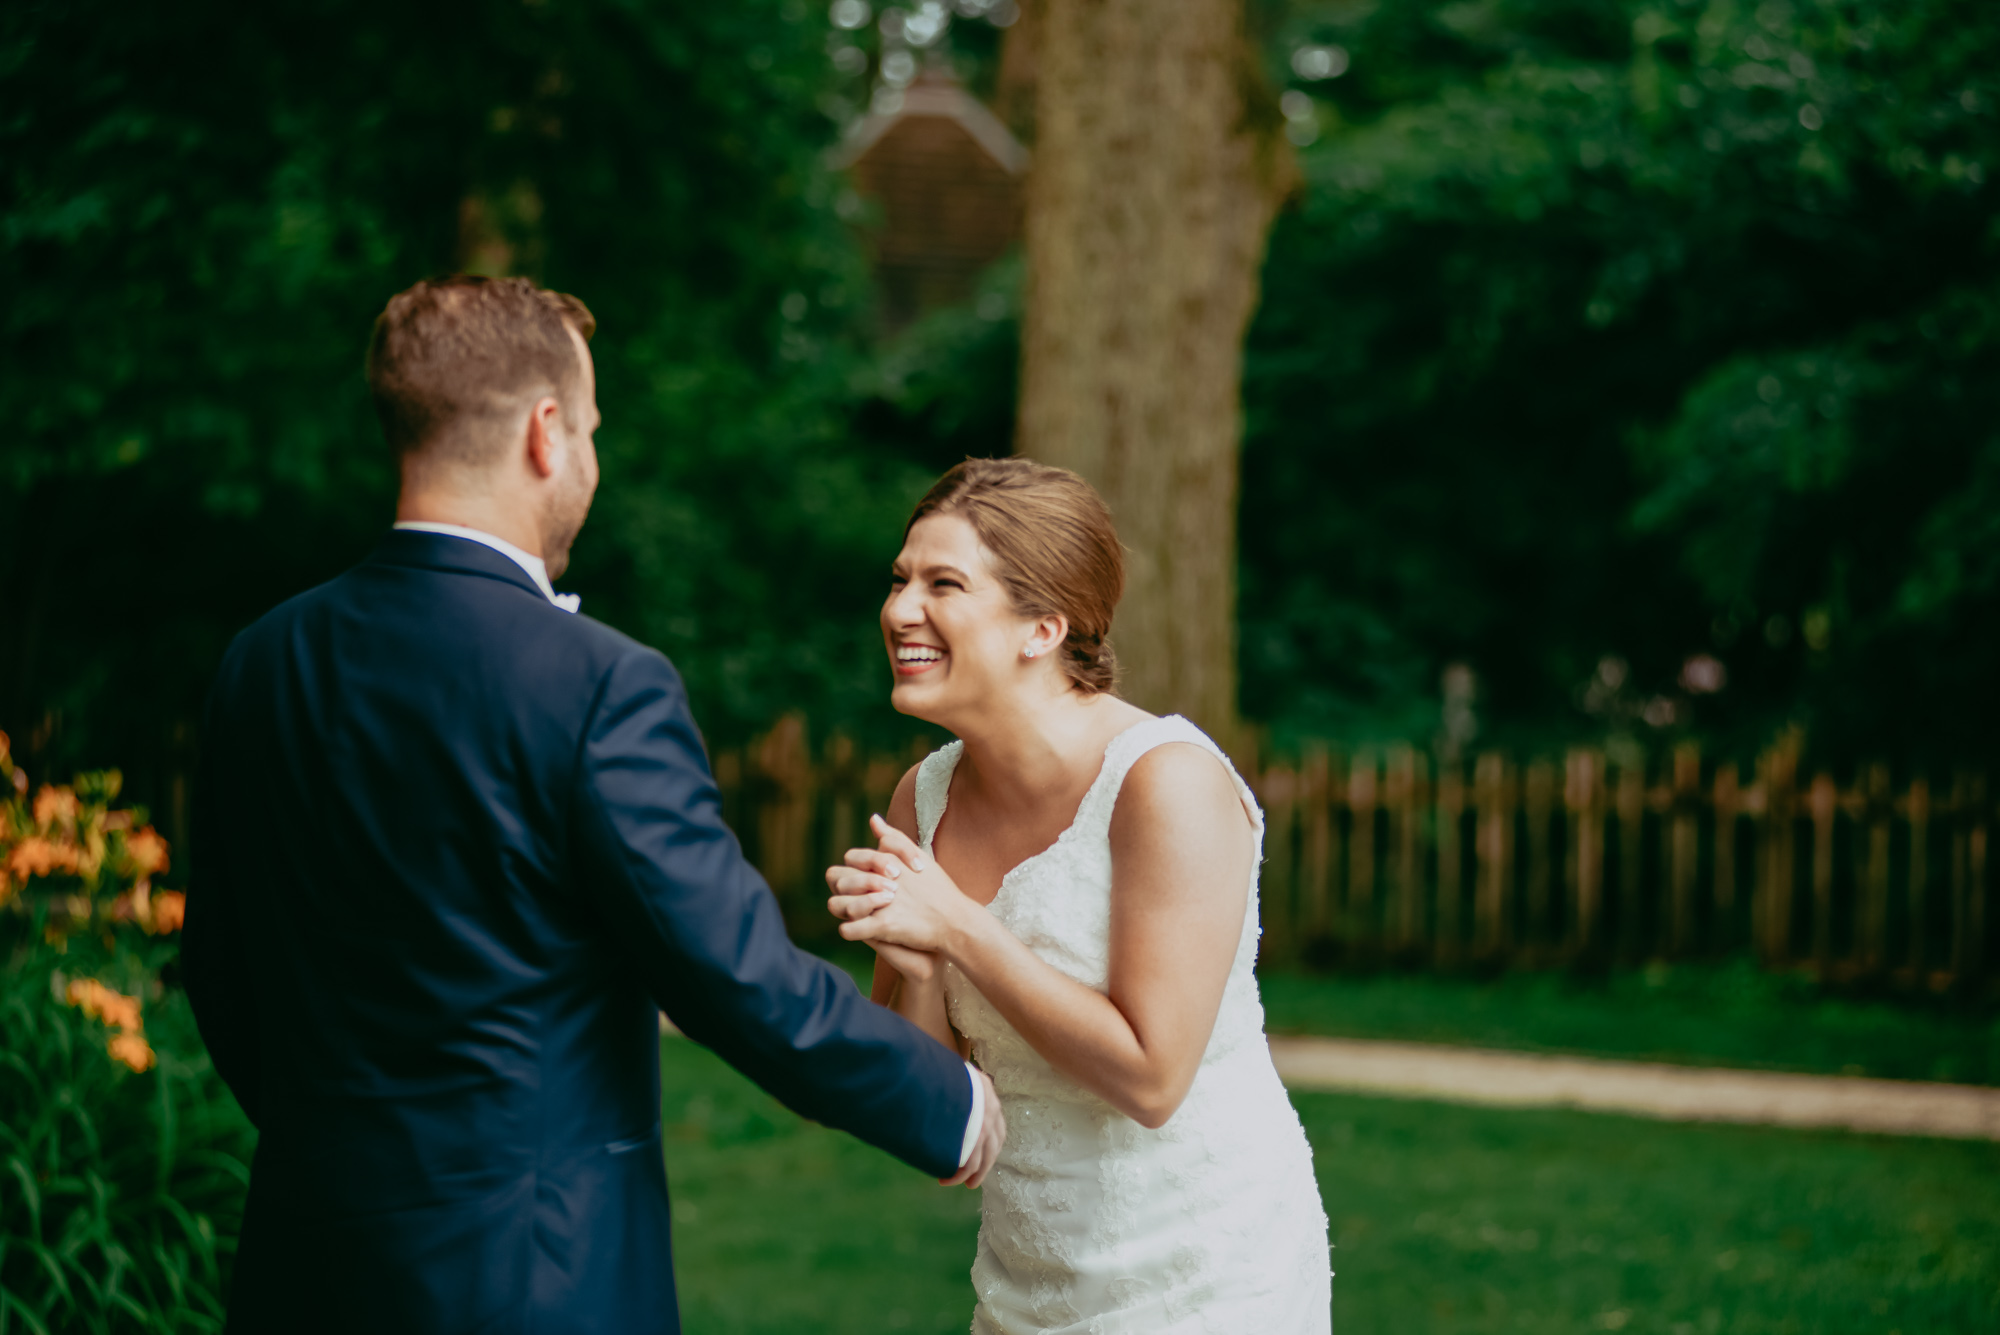 Rockford-IL-wedding-photographers-2-2.jpg